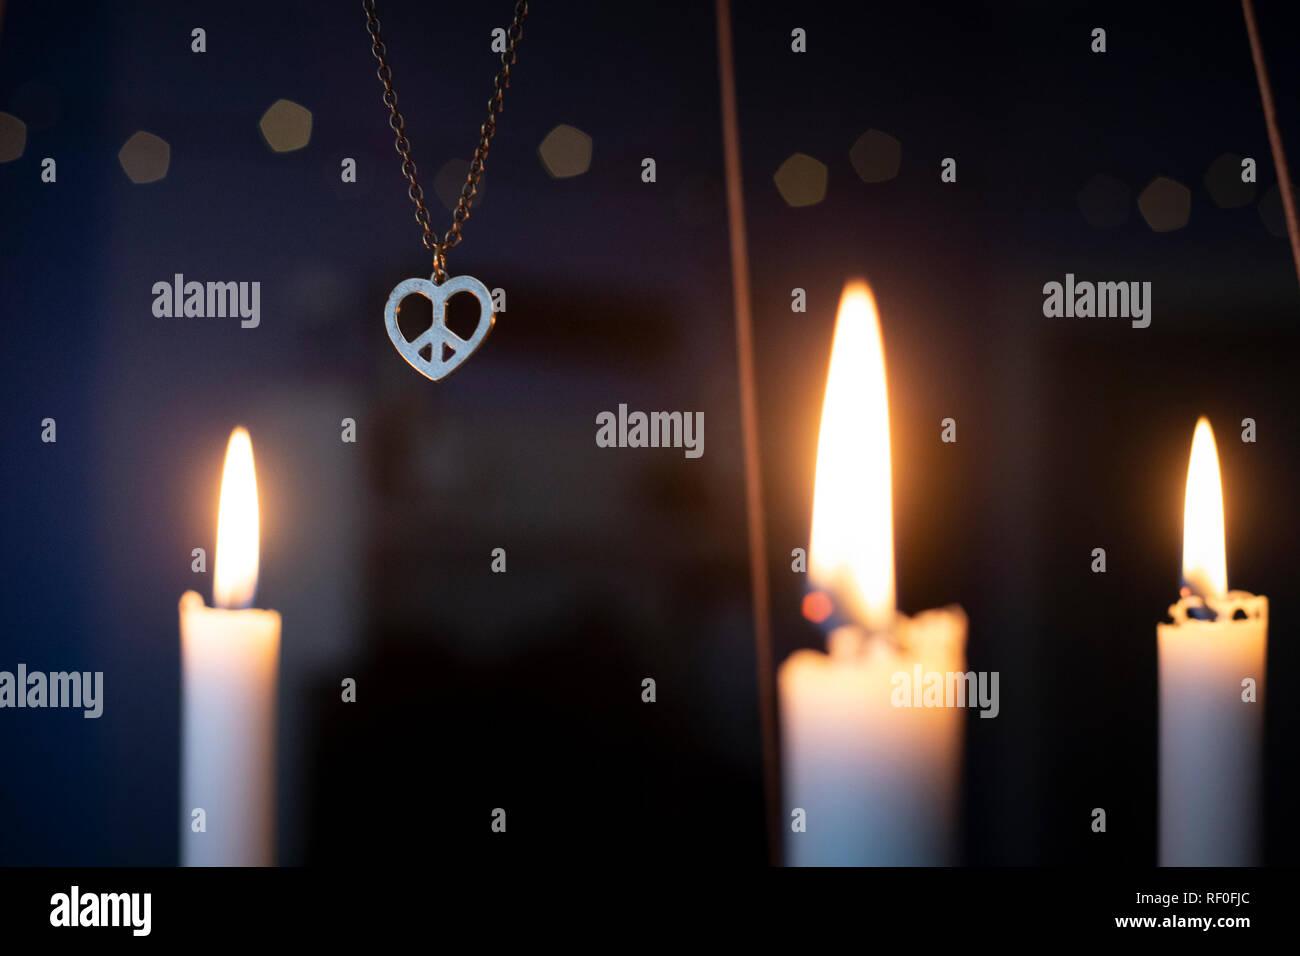 La paz, el amor, la navidad fondo con un símbolo del corazón de paz entre velas colgantes Colgante de oro resplandeciente candelabro de Adviento. Foto de stock